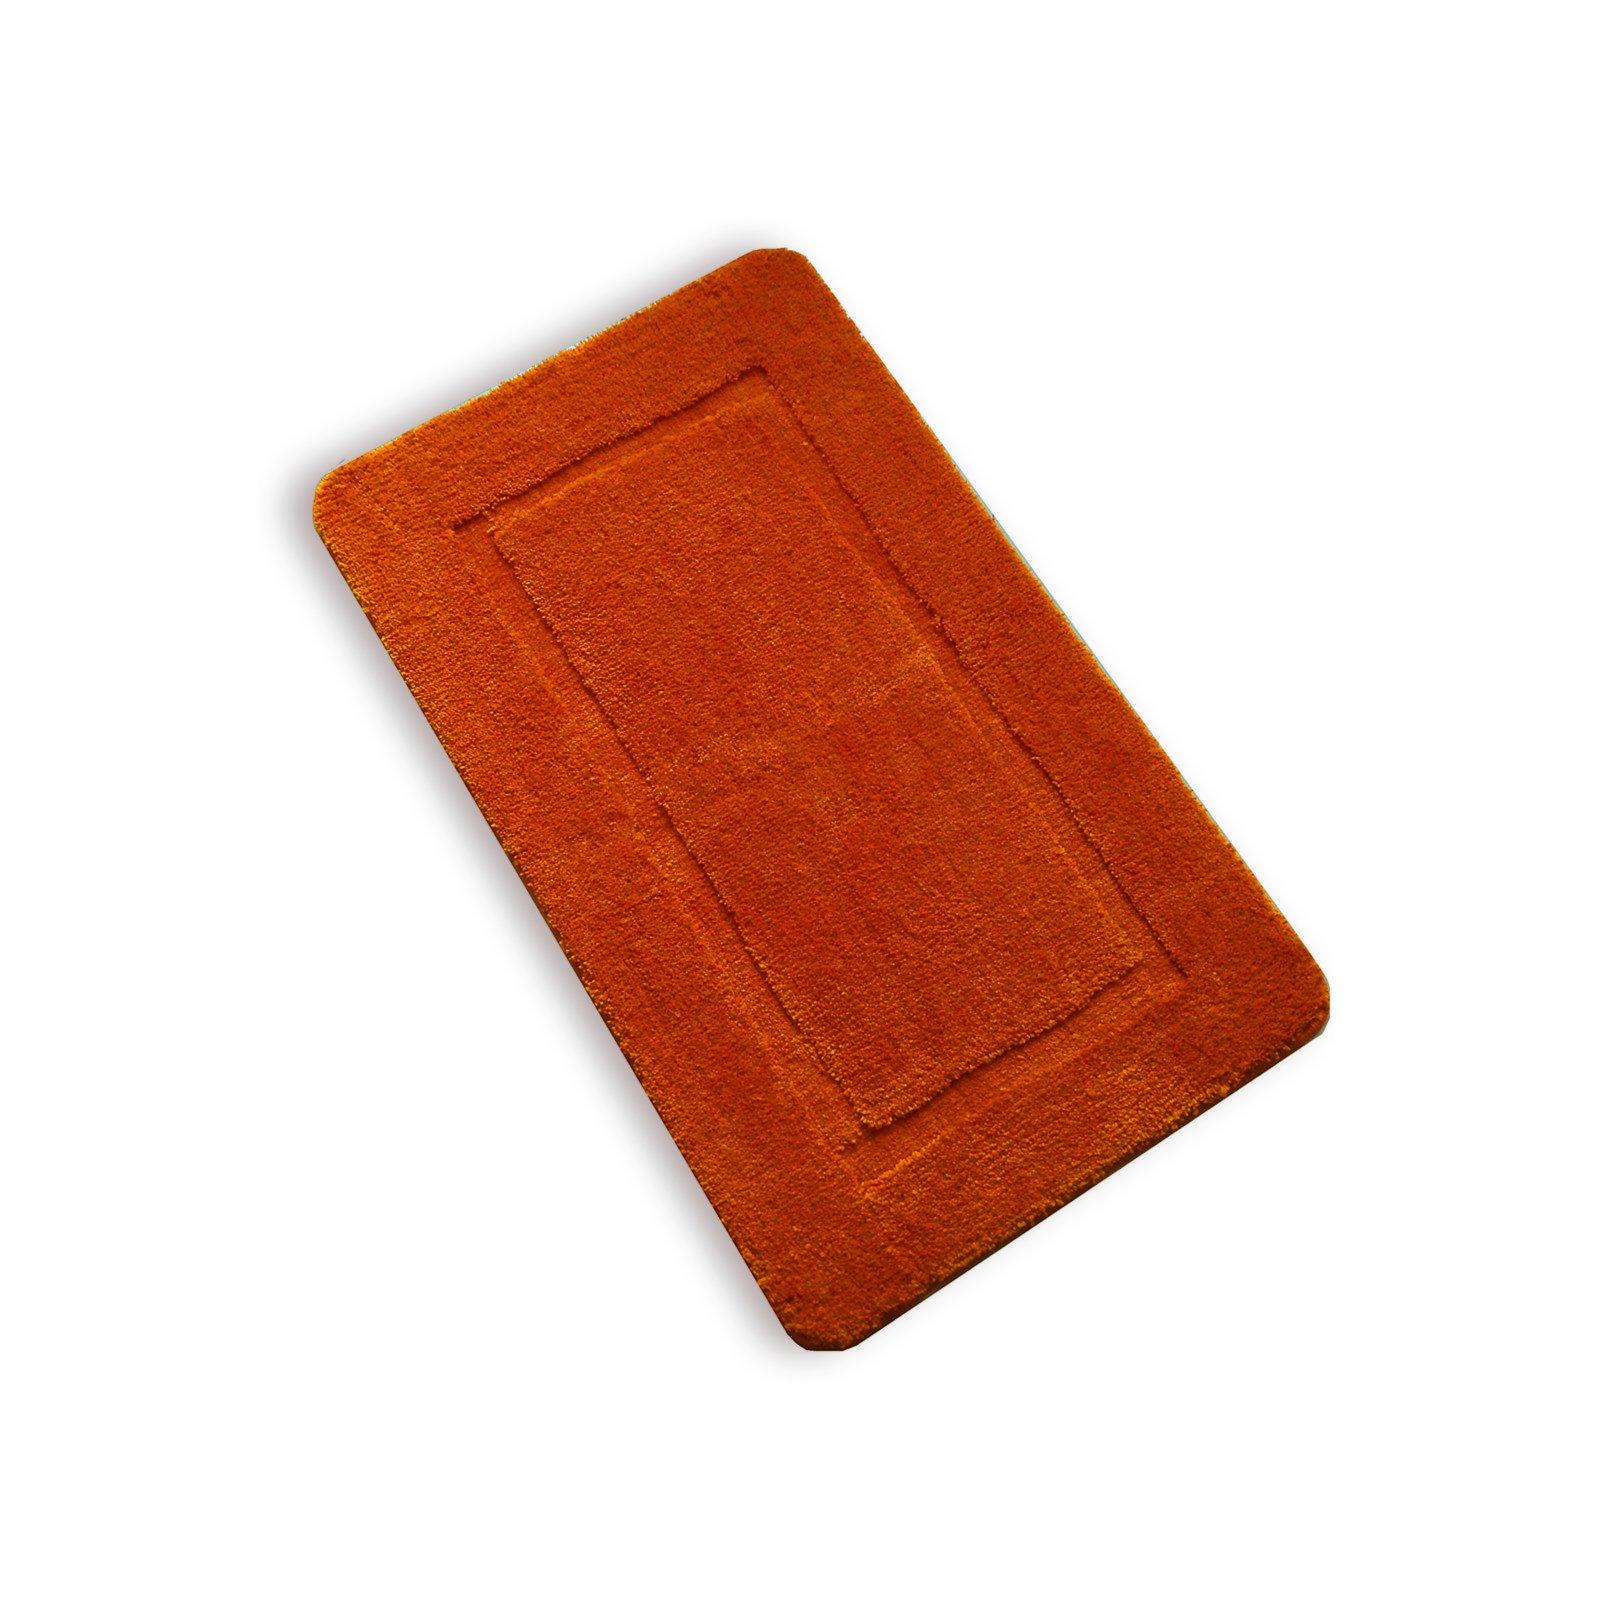 badteppich terra orange 60x100 cm badteppiche matten badtextilien heimtextilien. Black Bedroom Furniture Sets. Home Design Ideas